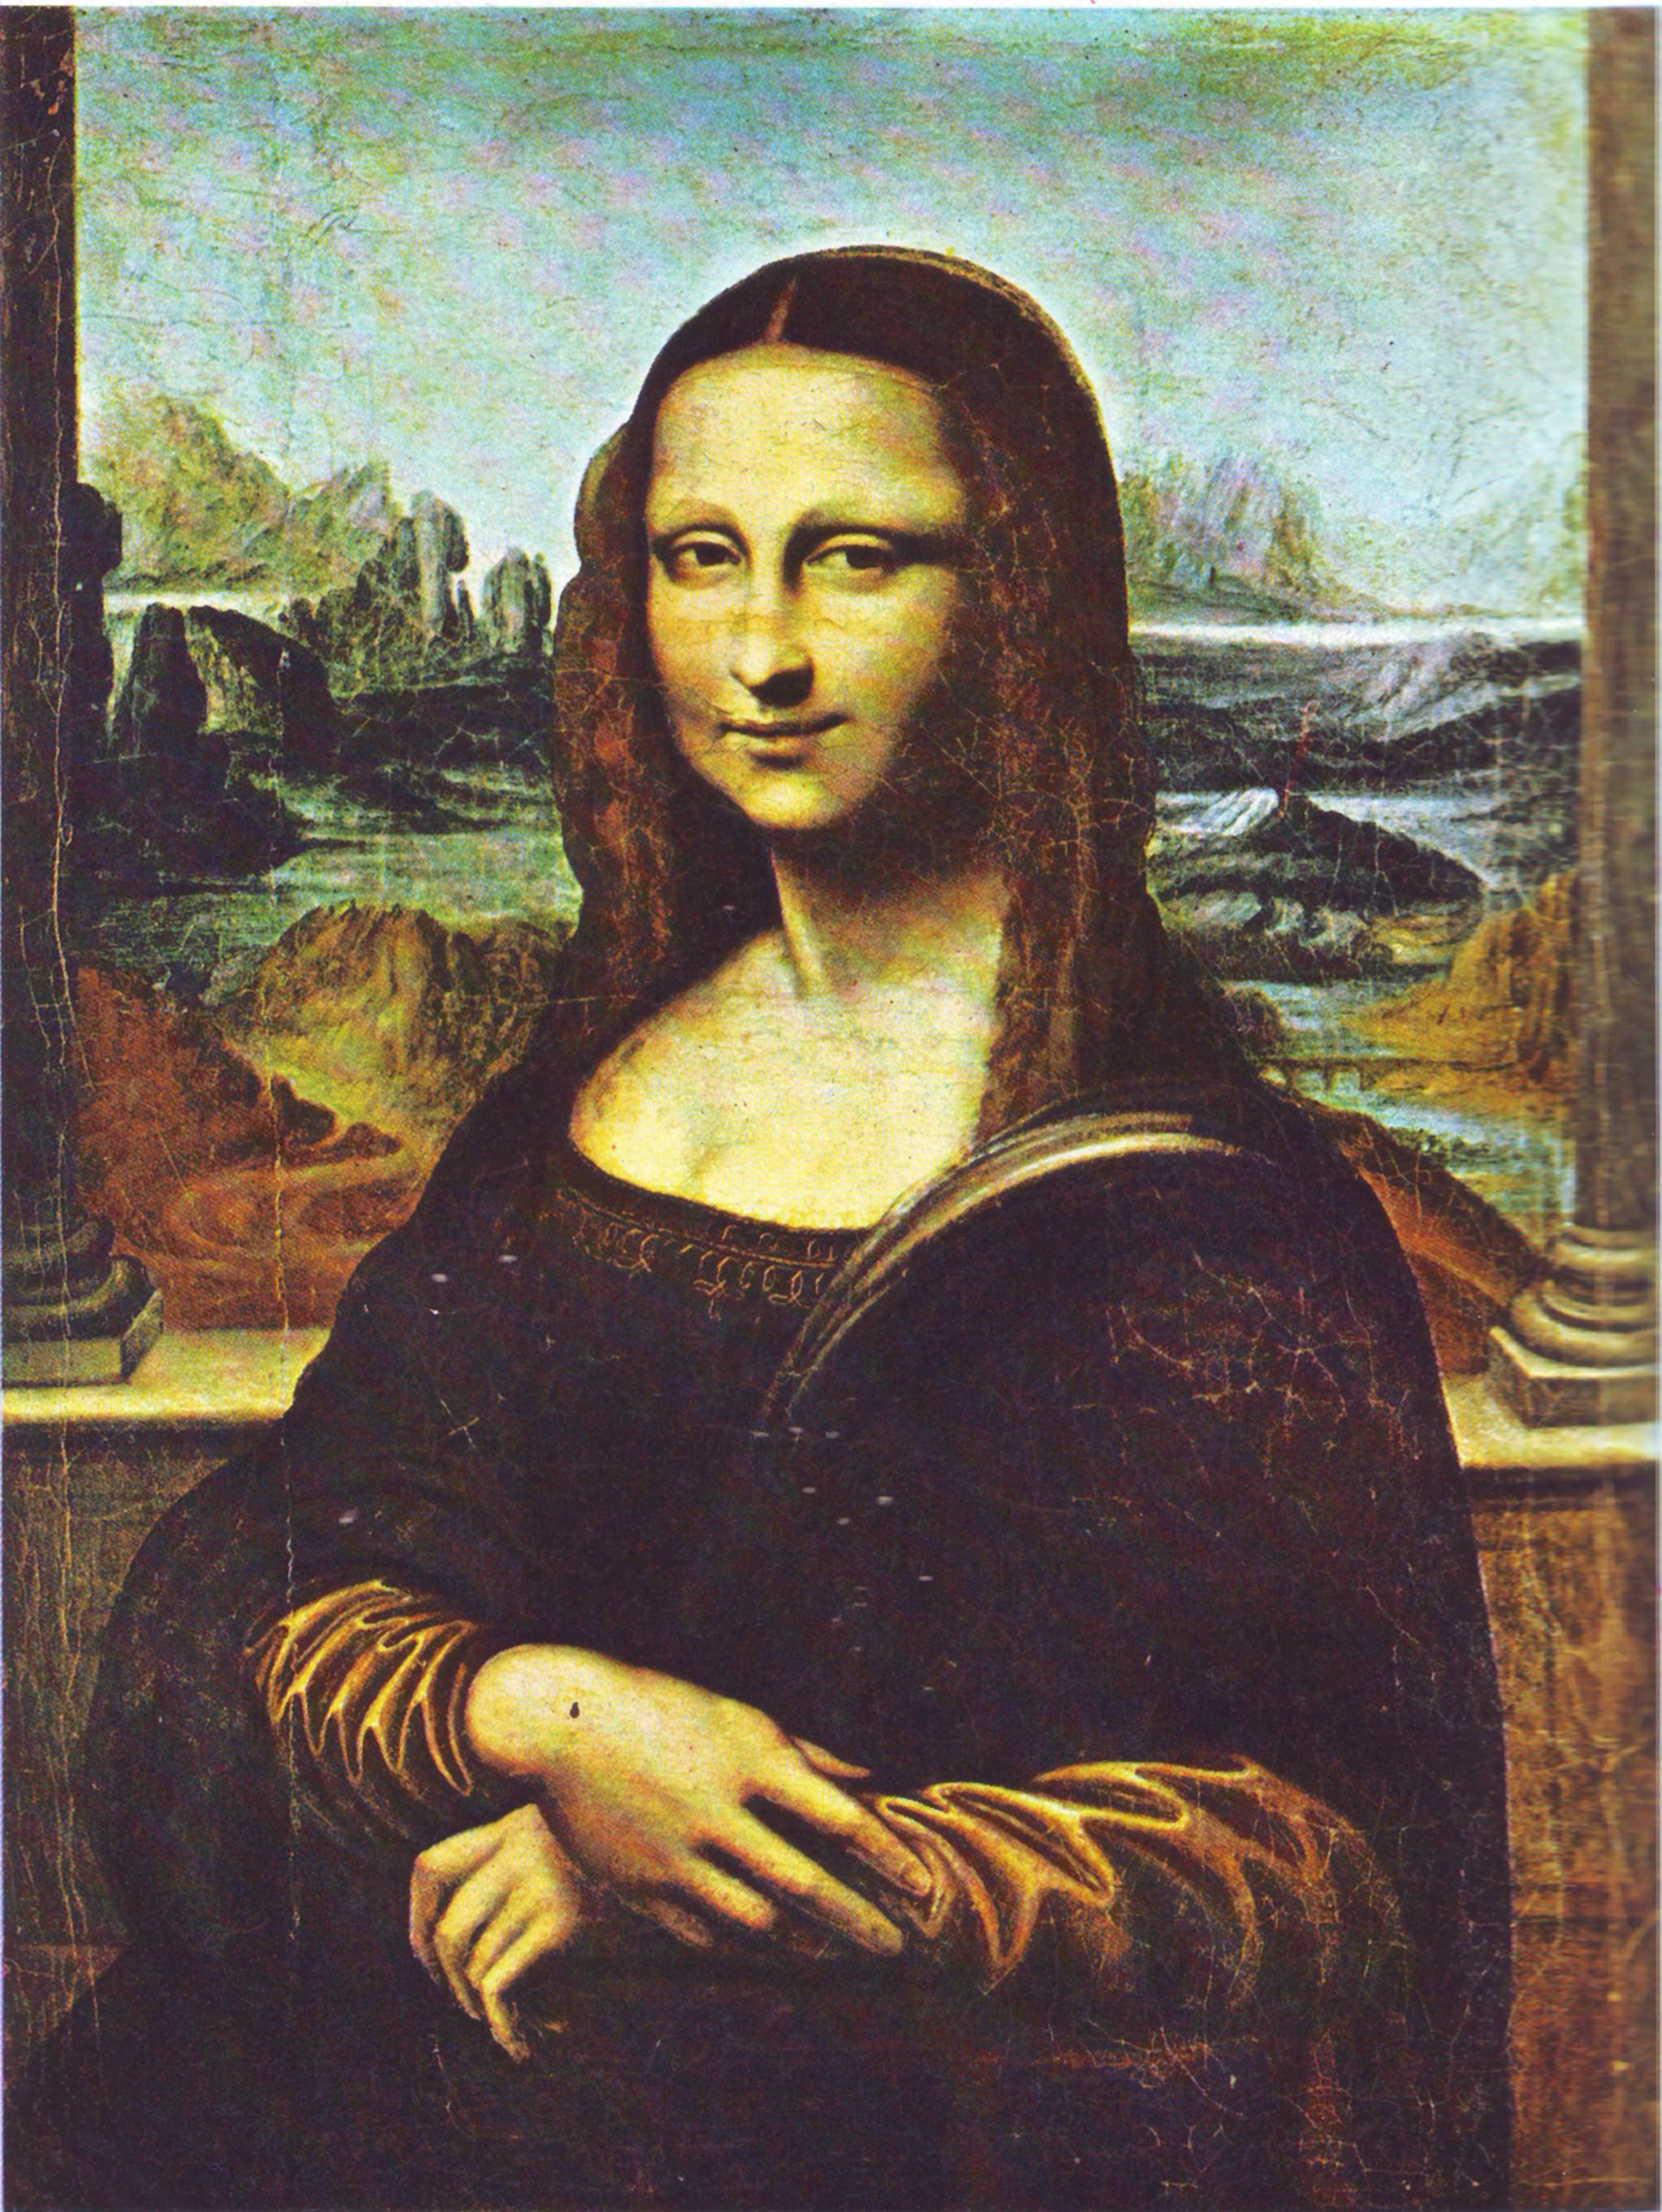 Mona_Lisa_(copy,_Walters_Art_Gallery).JPG